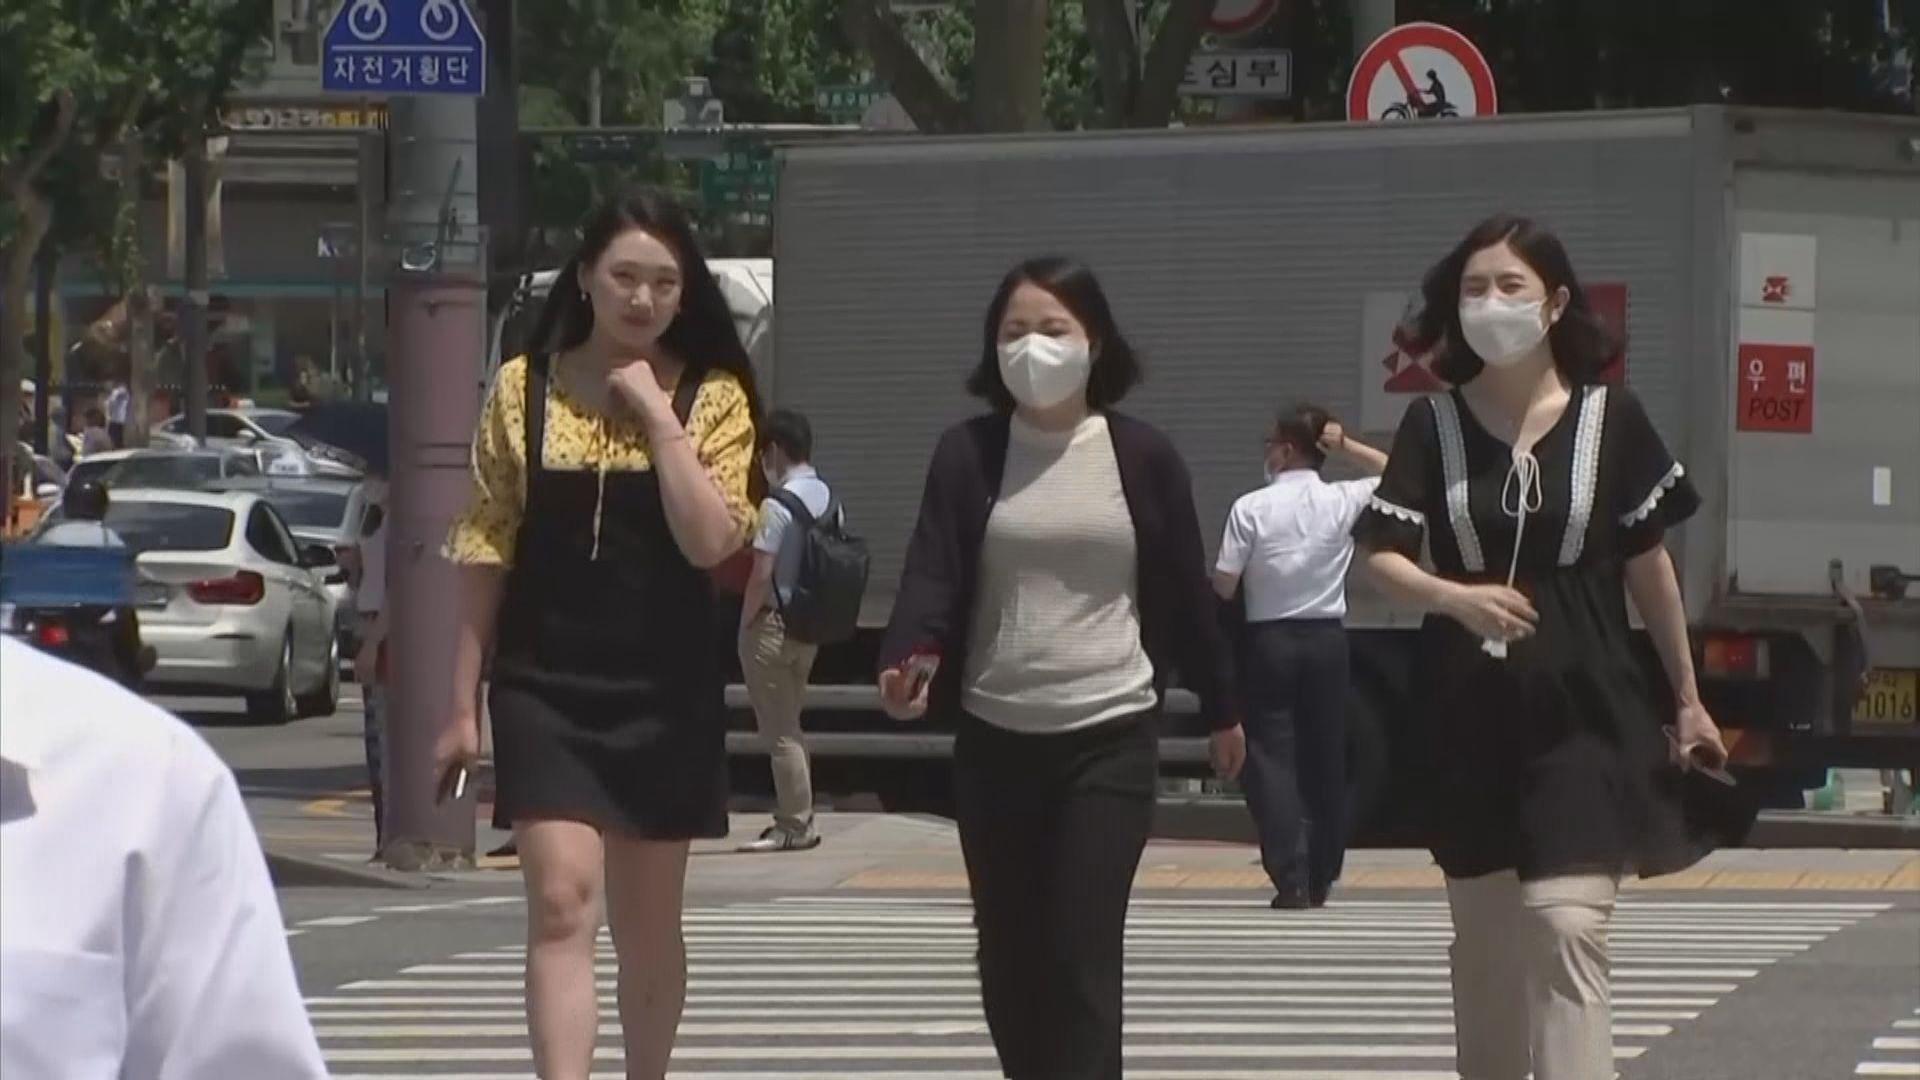 南韓周二起調升非首都圈防疫響應級別